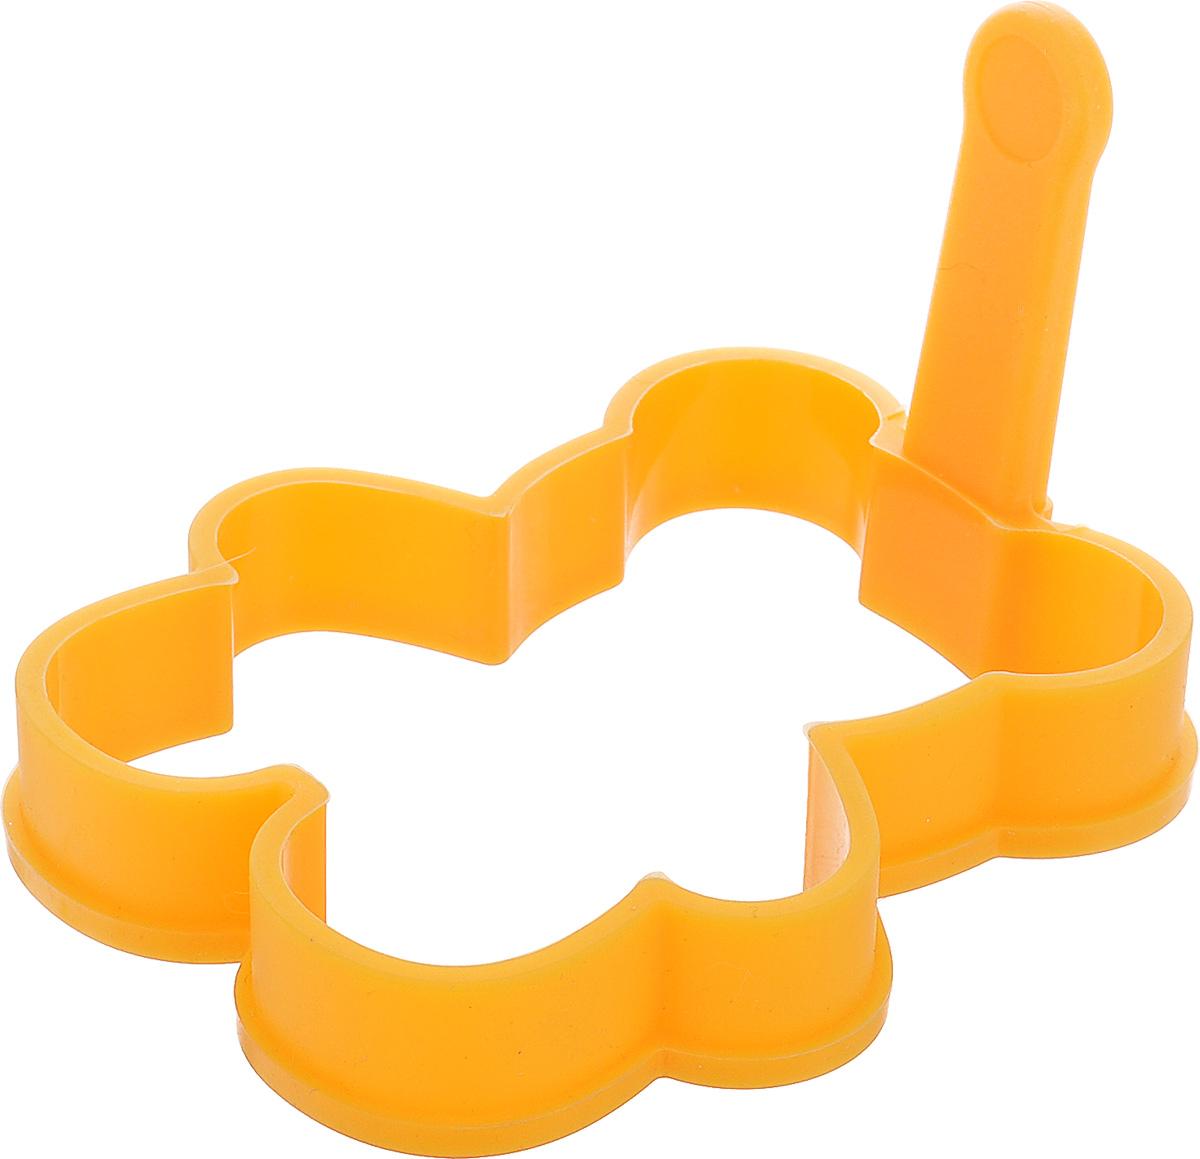 Форма для выпечки Tescoma Delicia Kids, универсальная, цвет: оранжевый, 10,5 х 12 см630951Форма для выпечки Tescoma Delicia Kids, изготовленная из высококачественного силикона, идеально подойдет для приготовления глазуньи, омлета, оладьев или драников на сковороде или в духовке, а также для приготовления желе, пудингов. Выдерживает температуру от -40°С до +230°С. Оснащена удобной ручкой. Можно мыть в посудомоечной машине и использовать в СВЧ-печи. Размер рабочей части: 10,5 х 12 см. Длина ручки: 5,5 см.